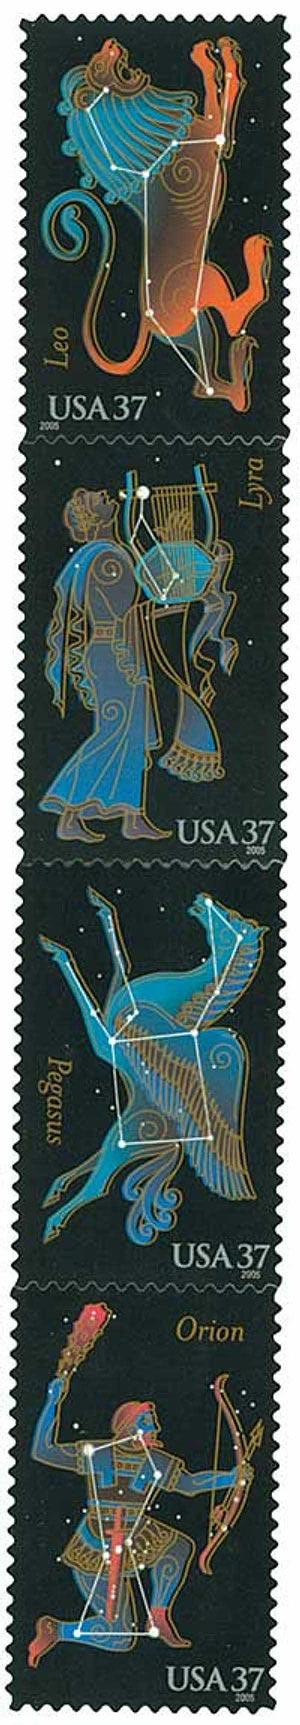 2005 37c Constellations